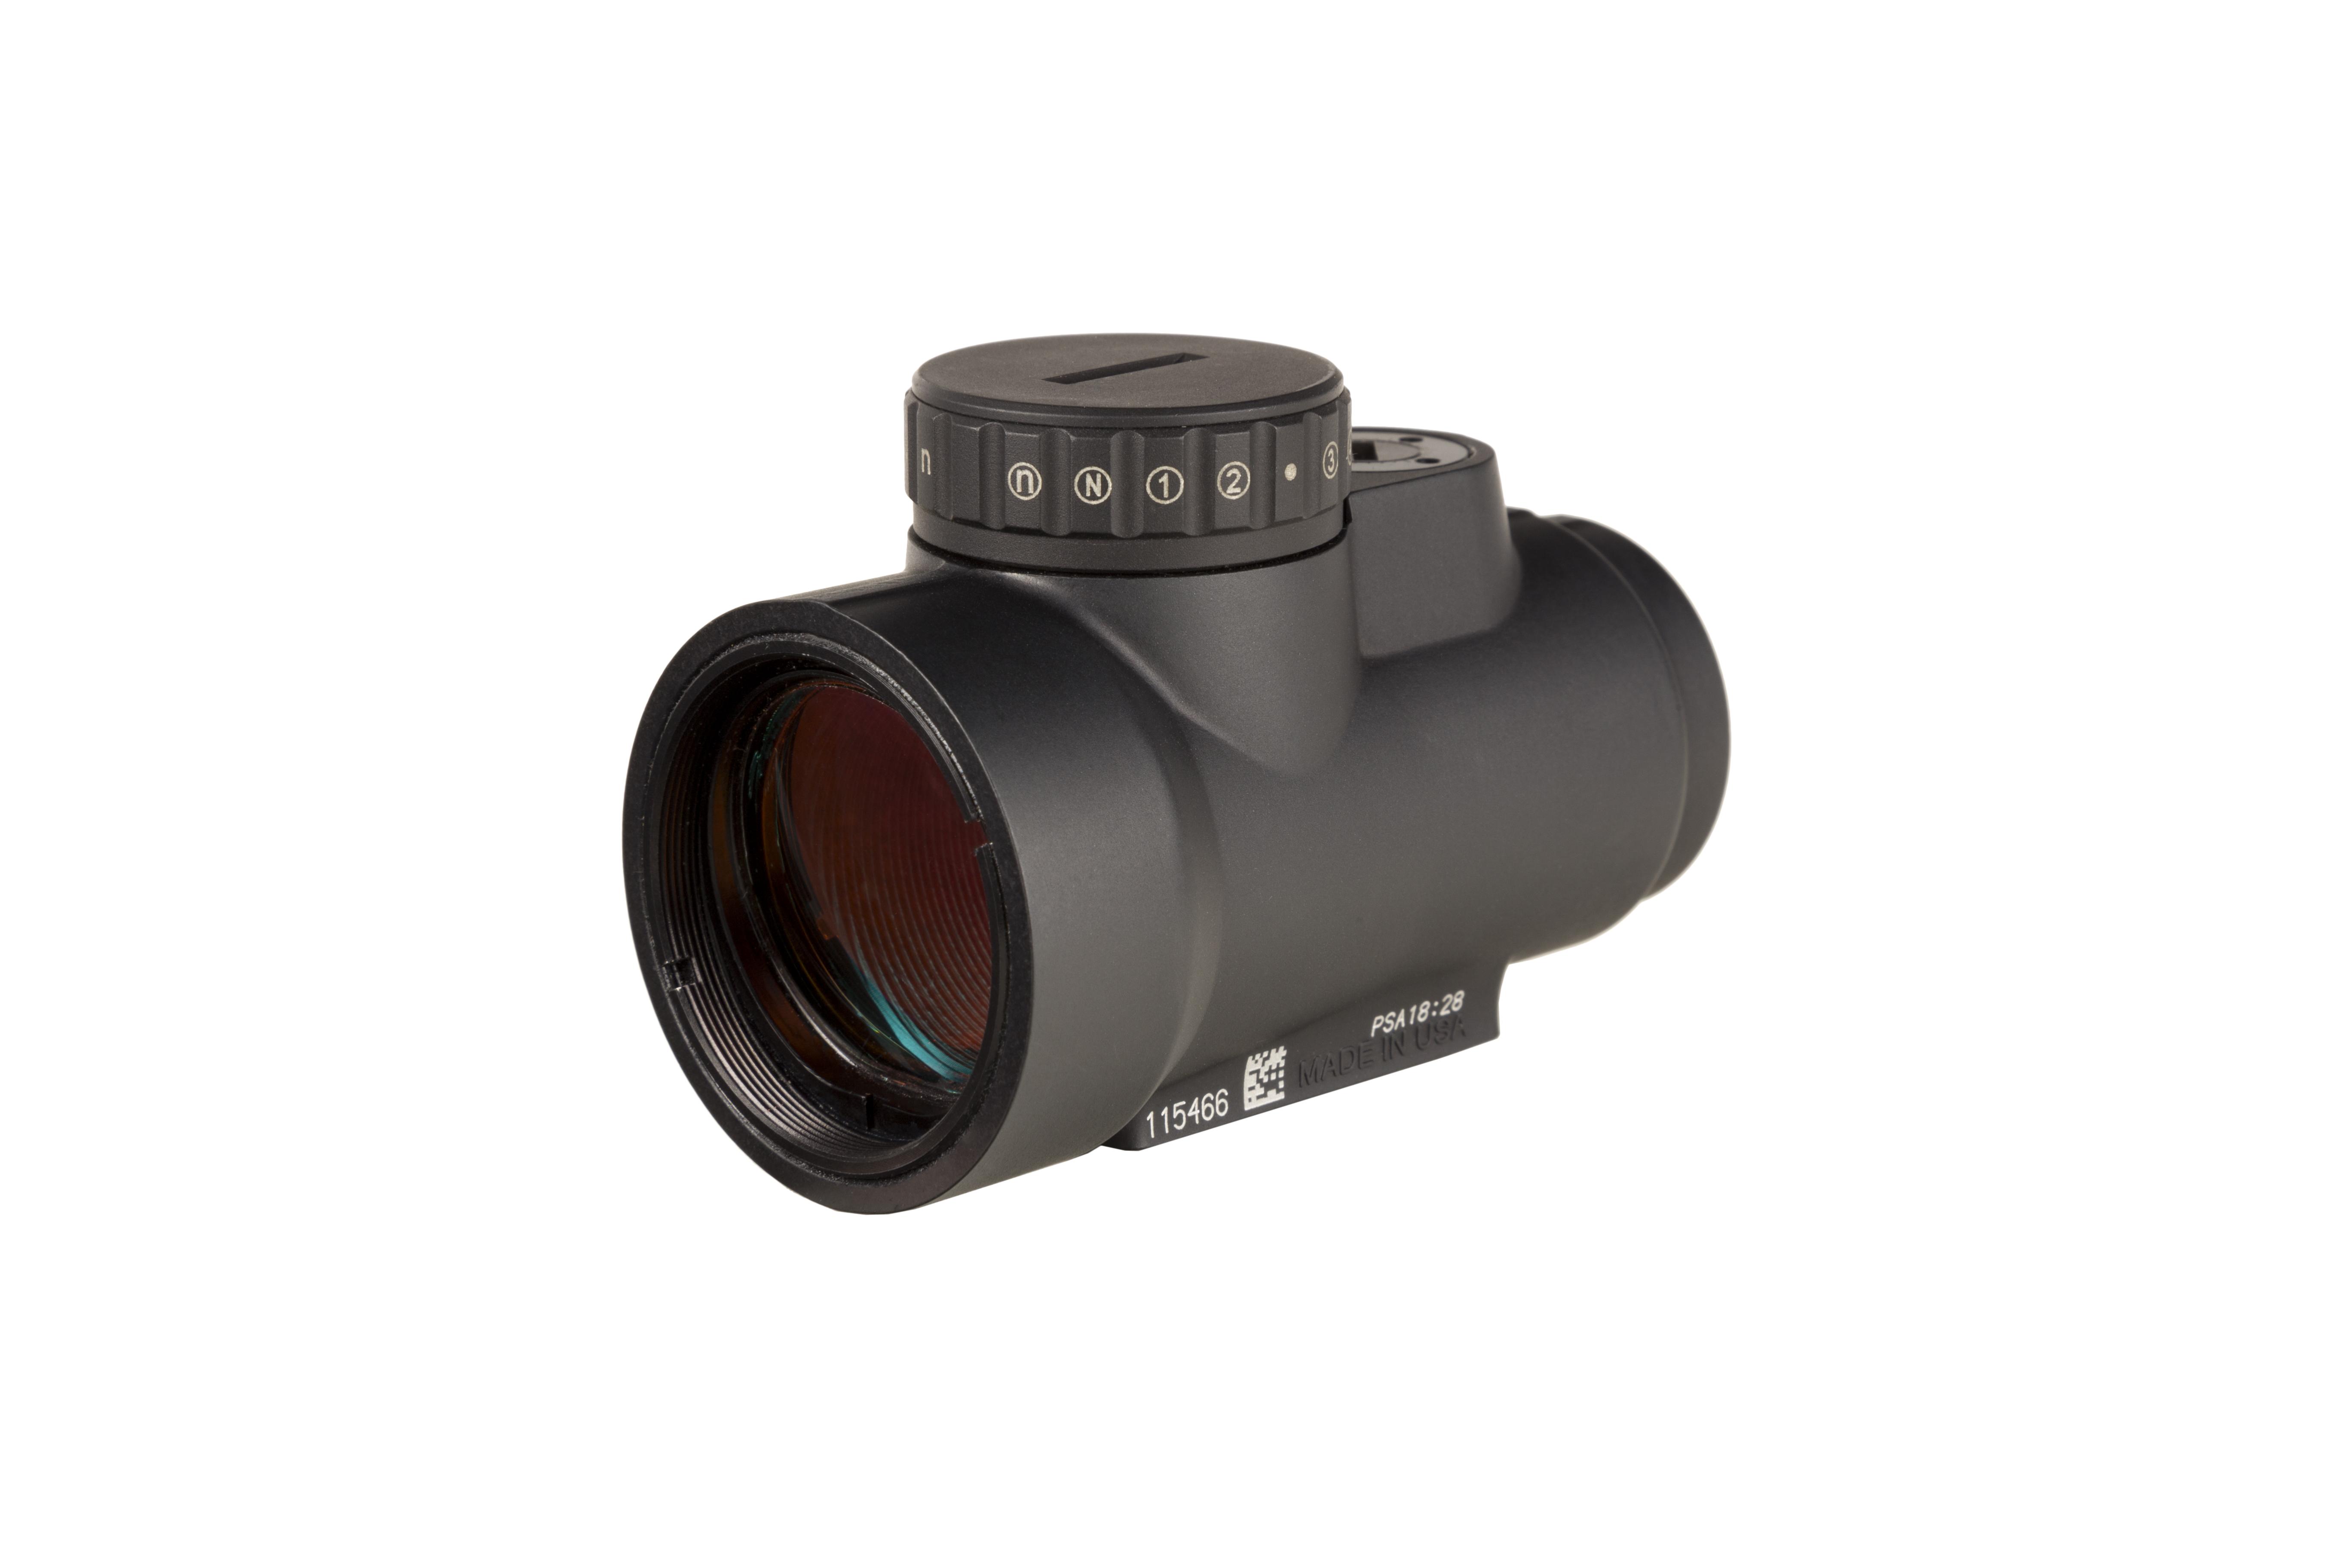 MRO-C-2200050 angle 1